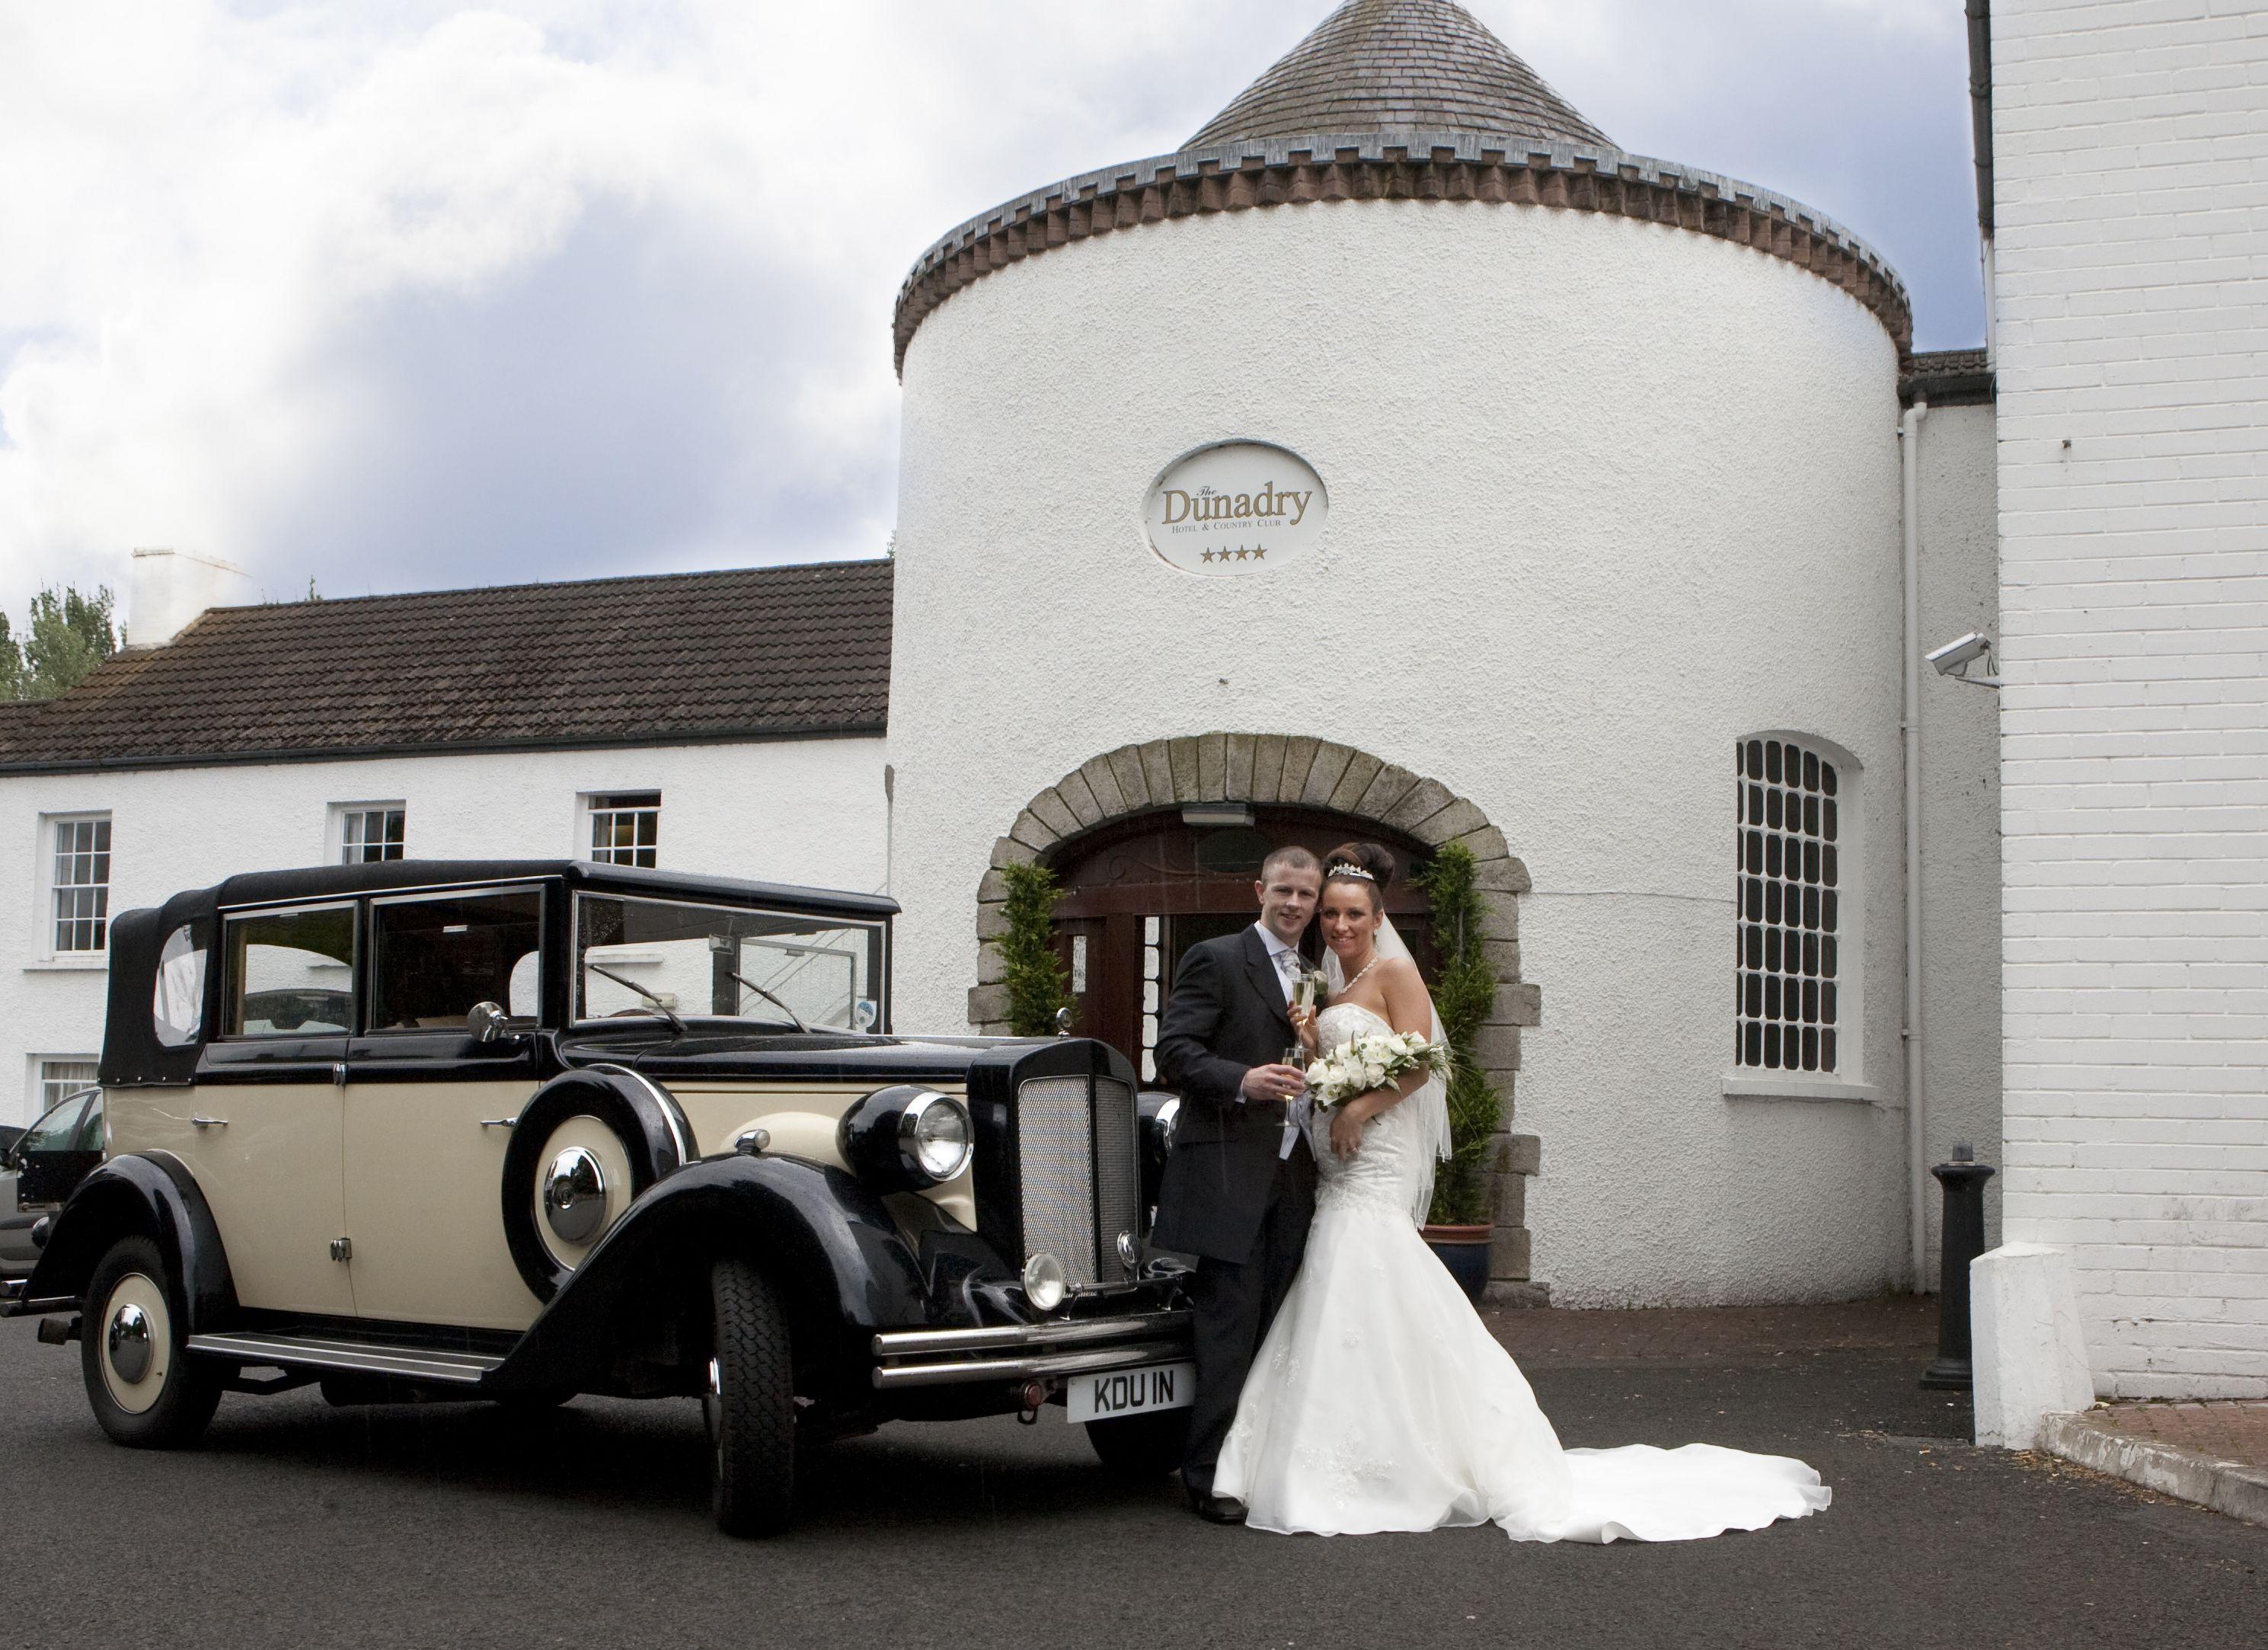 Dunadry Hotel Country Club Belfast Wedding Car Wedding Belfast